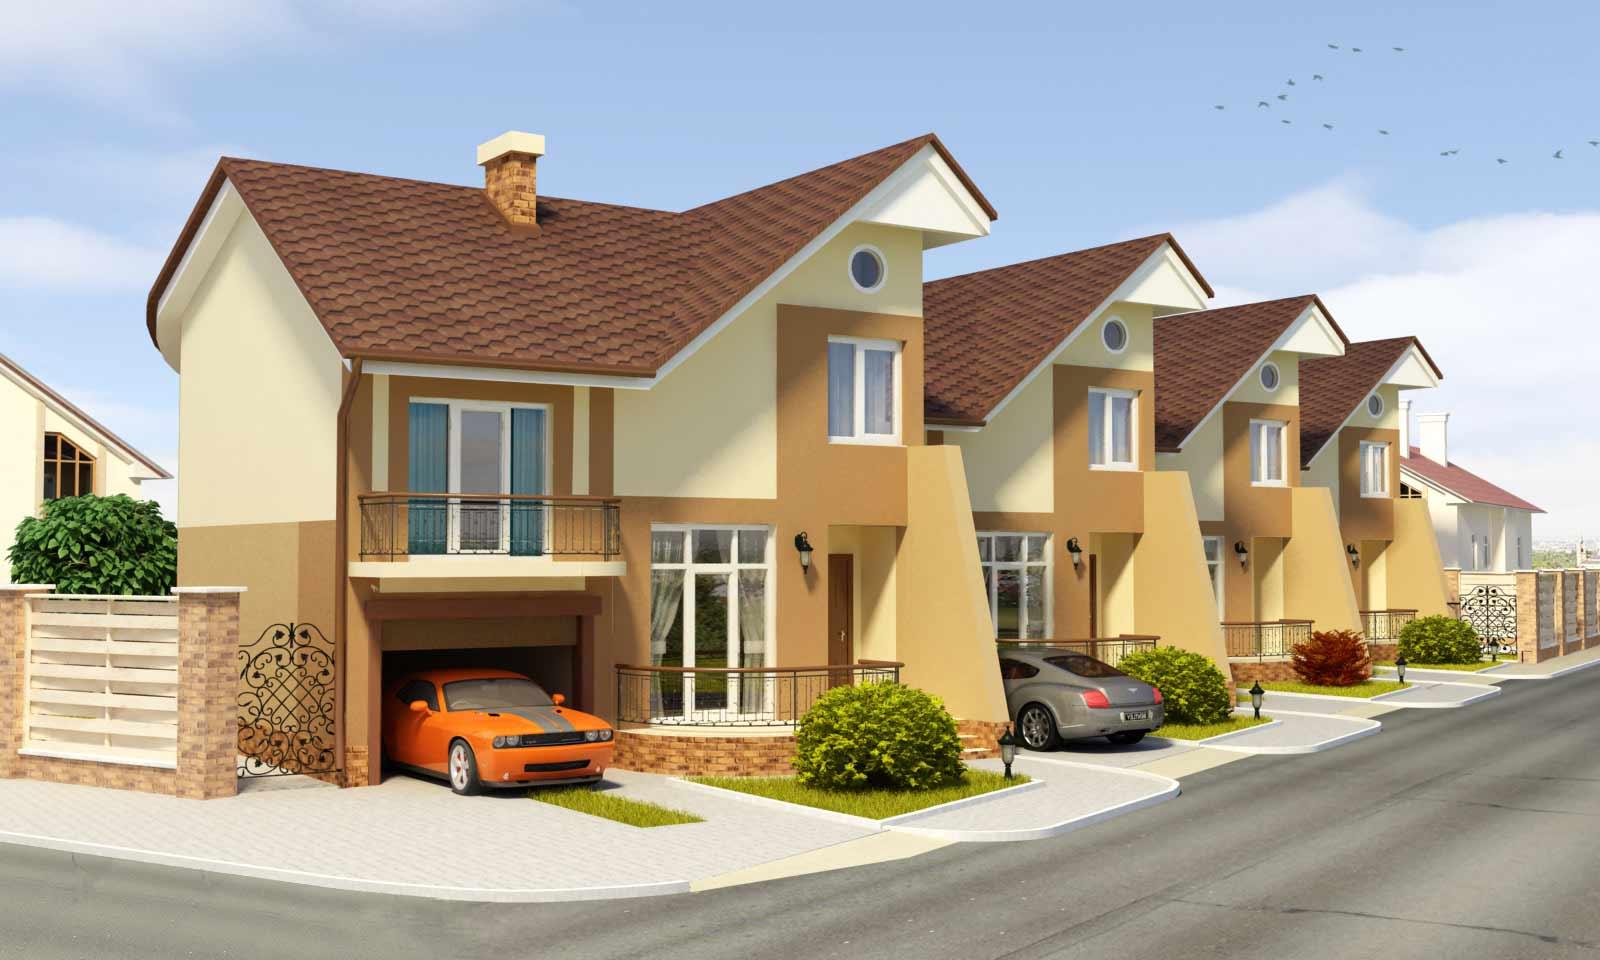 Вход частного дома, особенности отделки и дизайна, фото-идеи